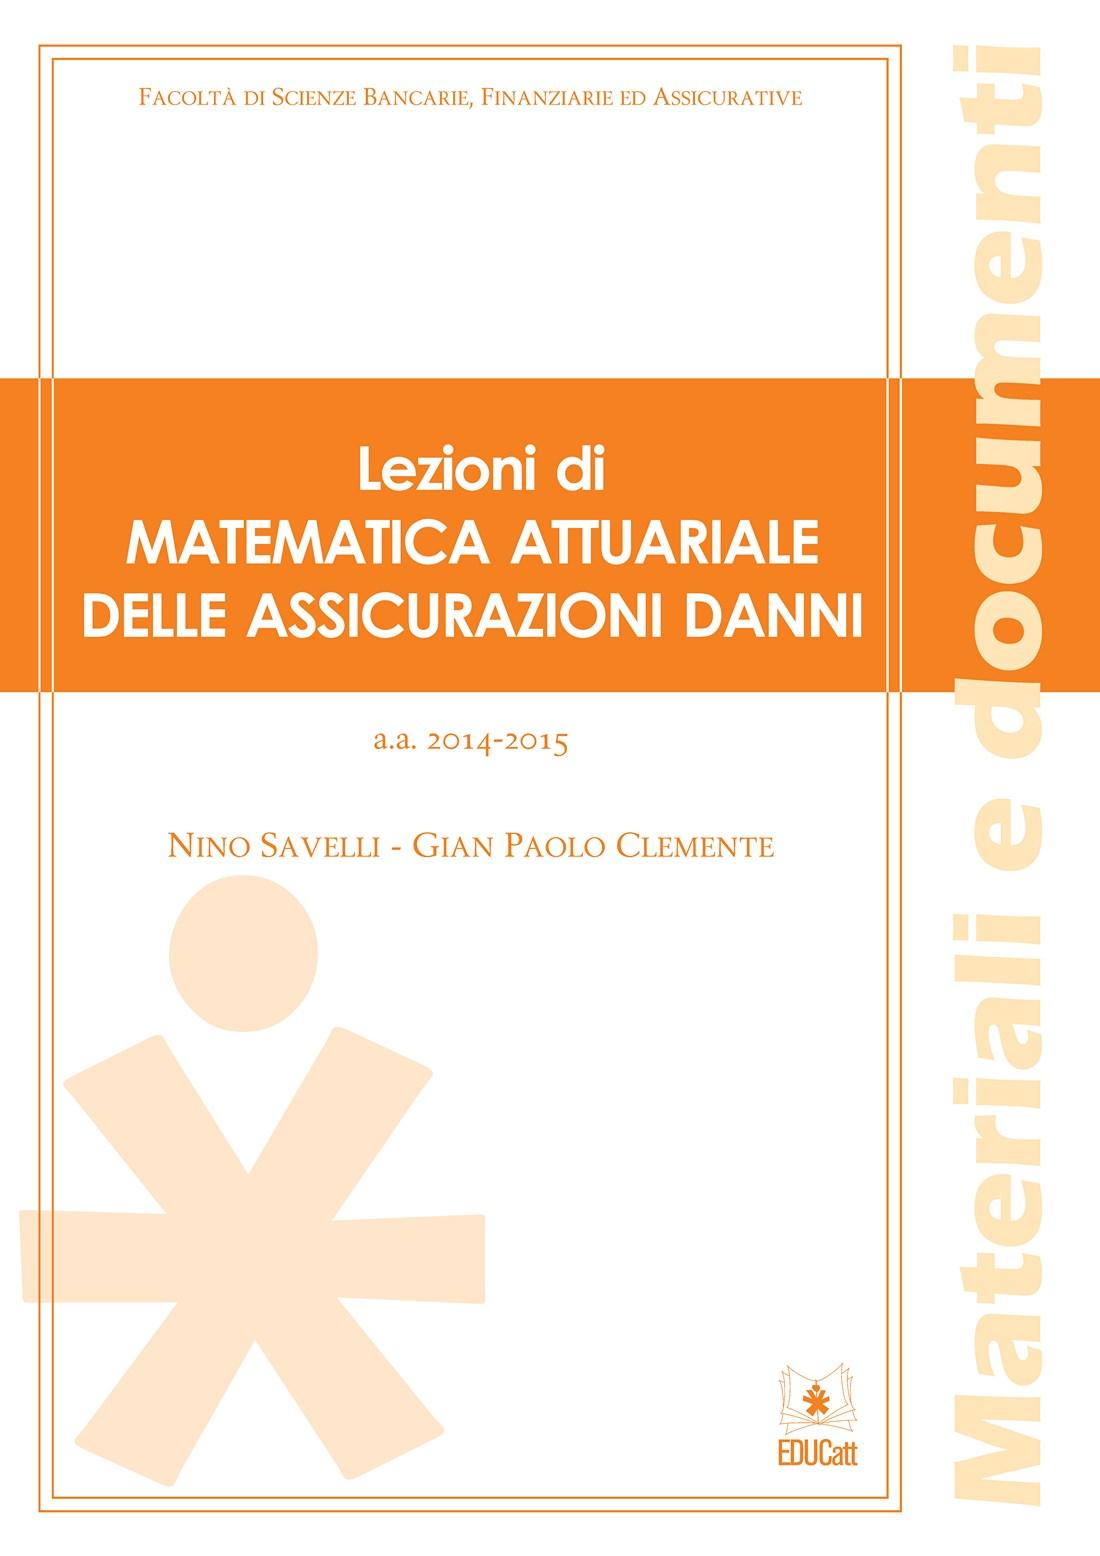 LEZIONI DI MATEMATICA ATTUARIALE DELLE ASSICURAZIONI DANNI 2014-2015